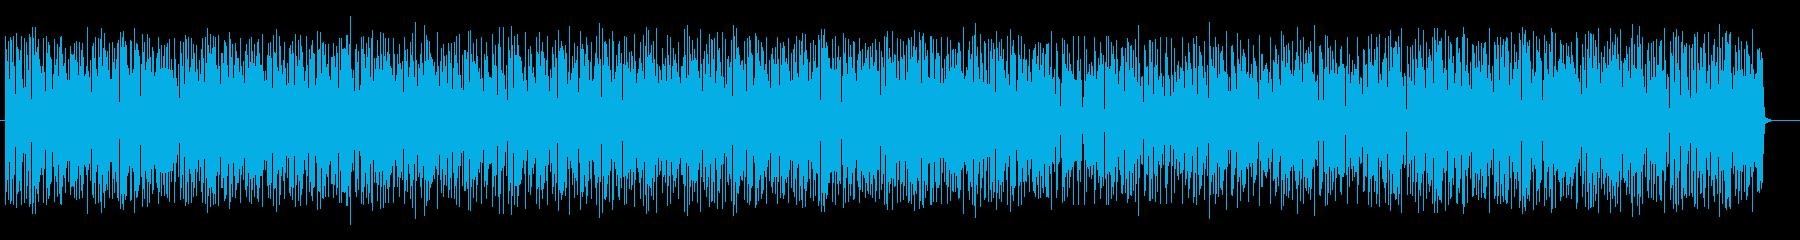 和風で楽しげな管楽器シンセサウンドの再生済みの波形